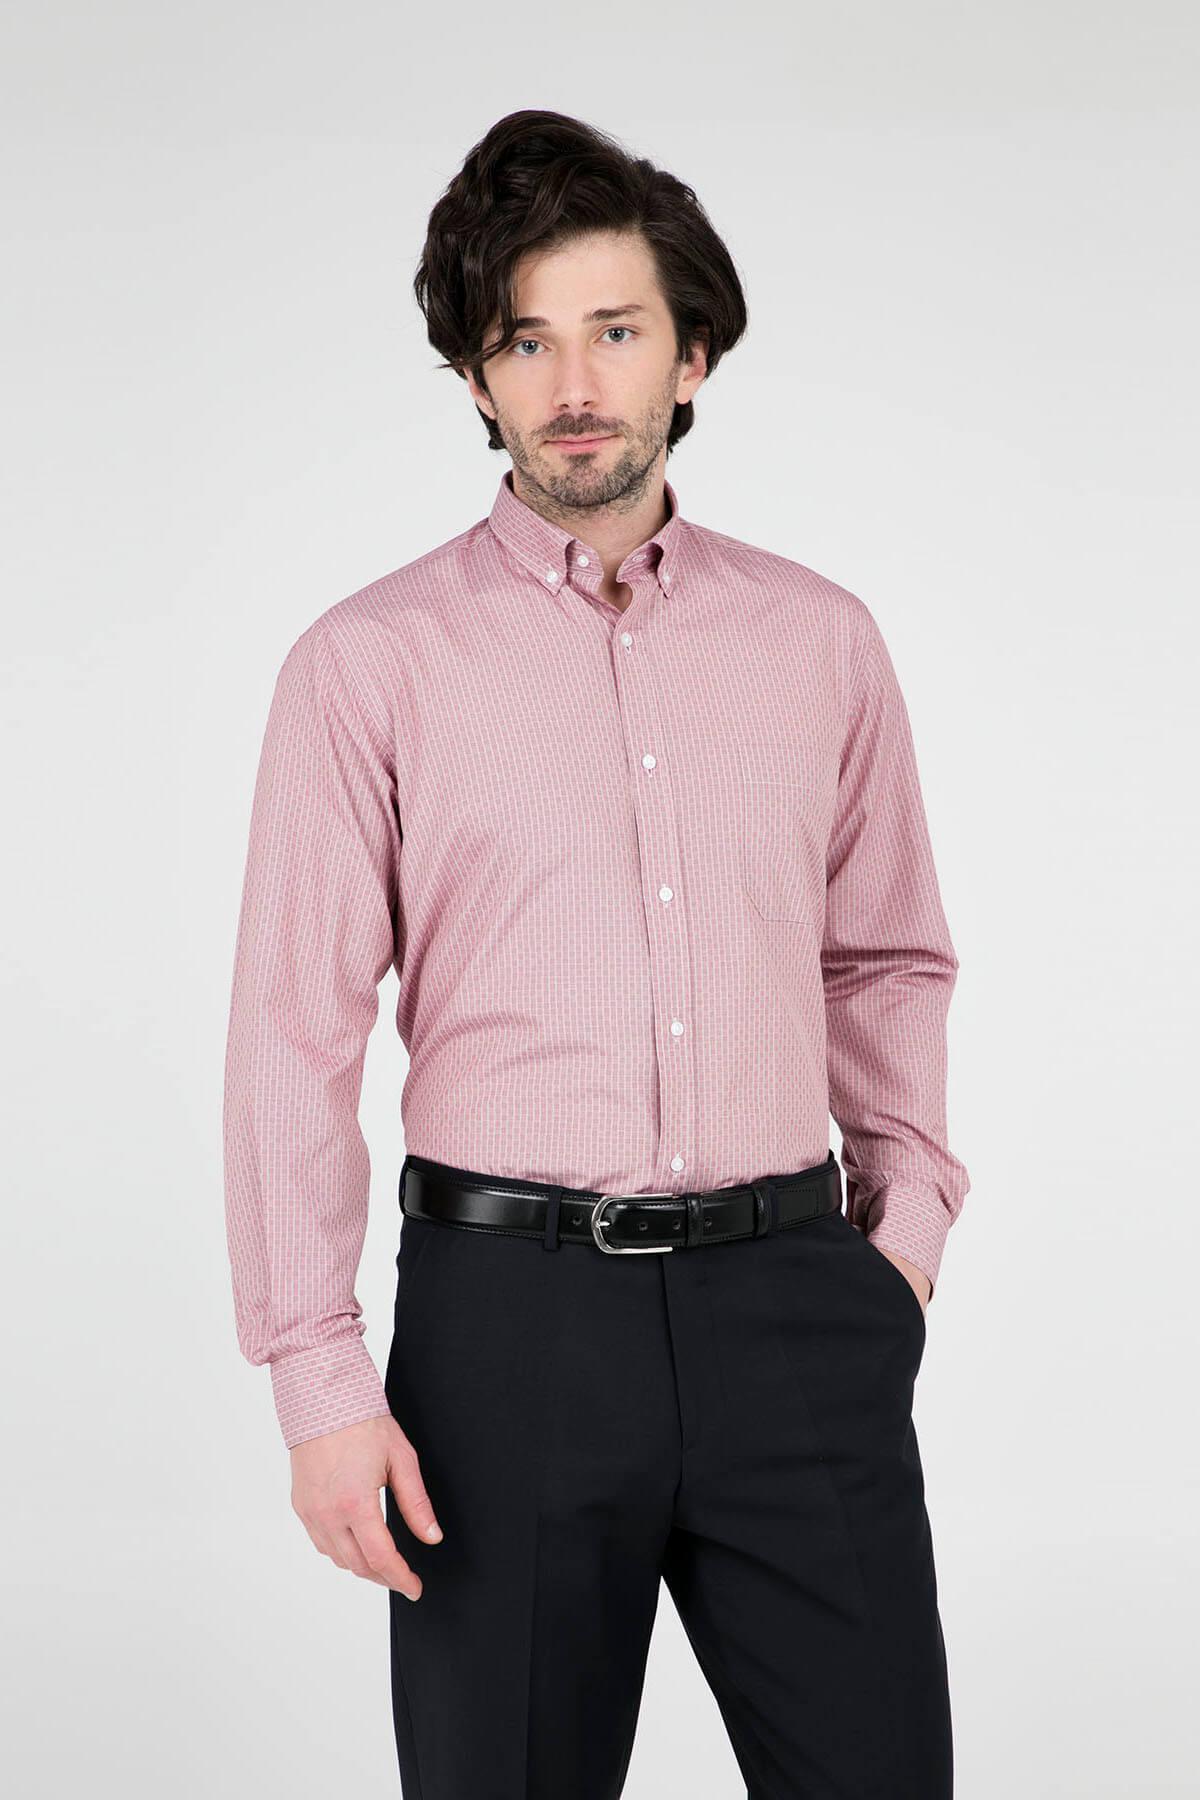 Erkek Kırmızı Uzun Kollu Gömlek - 1Gm91Uk1262R 600